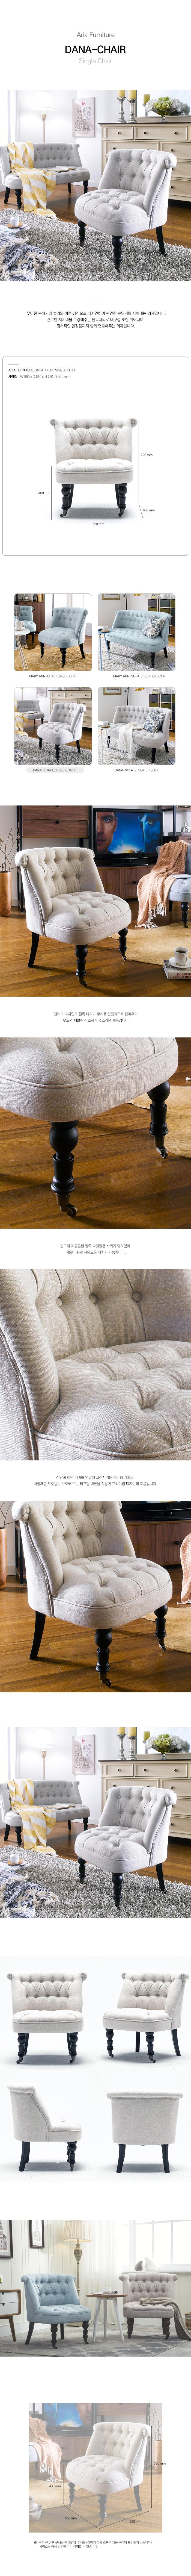 Dana-Chair.jpg